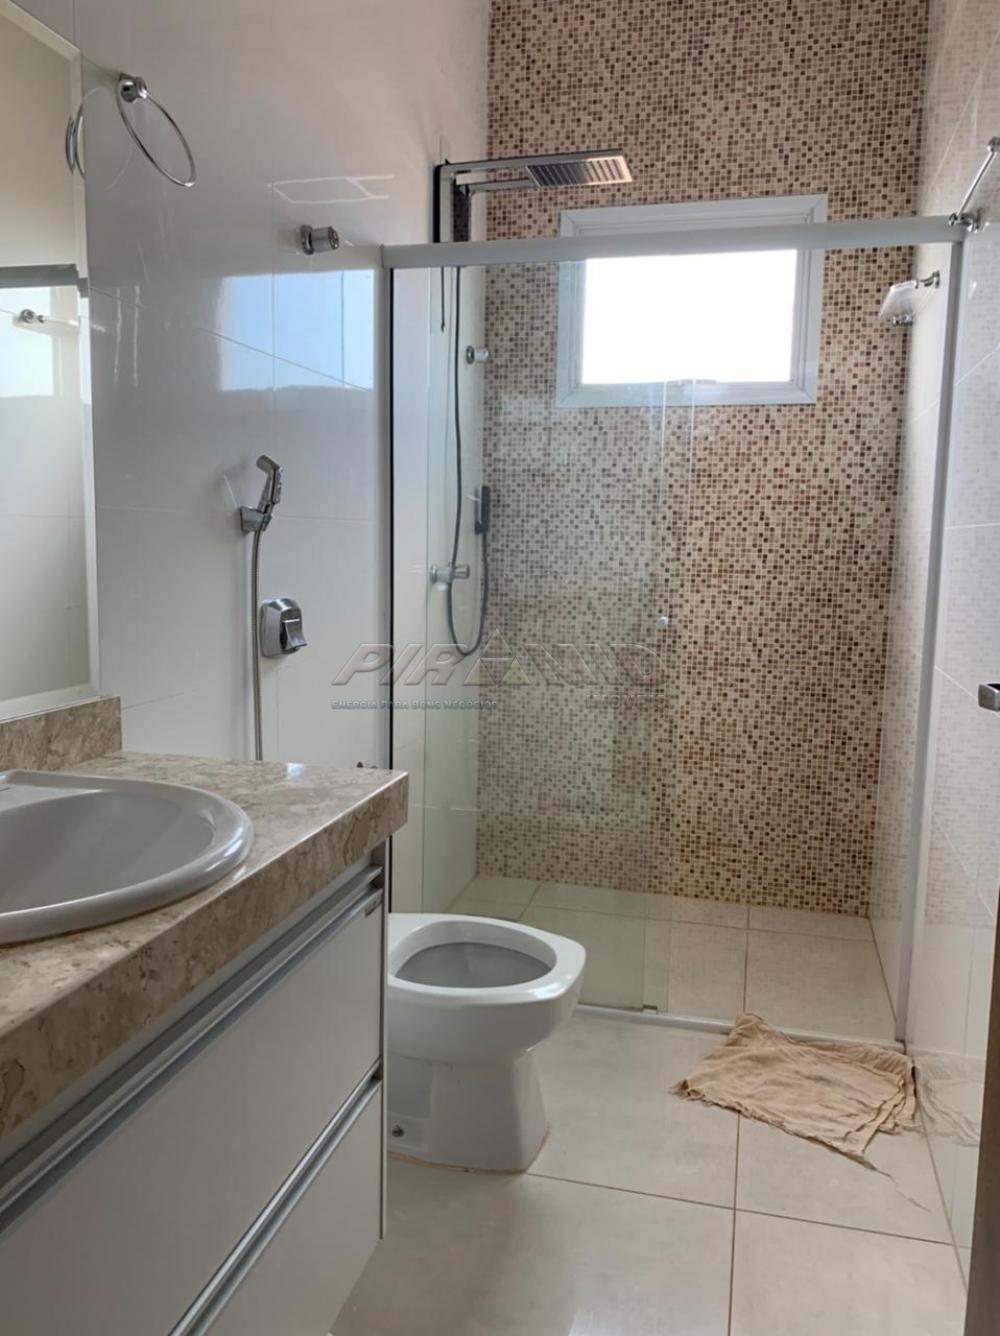 Comprar Casa / Condomínio em Bonfim Paulista R$ 780.000,00 - Foto 7